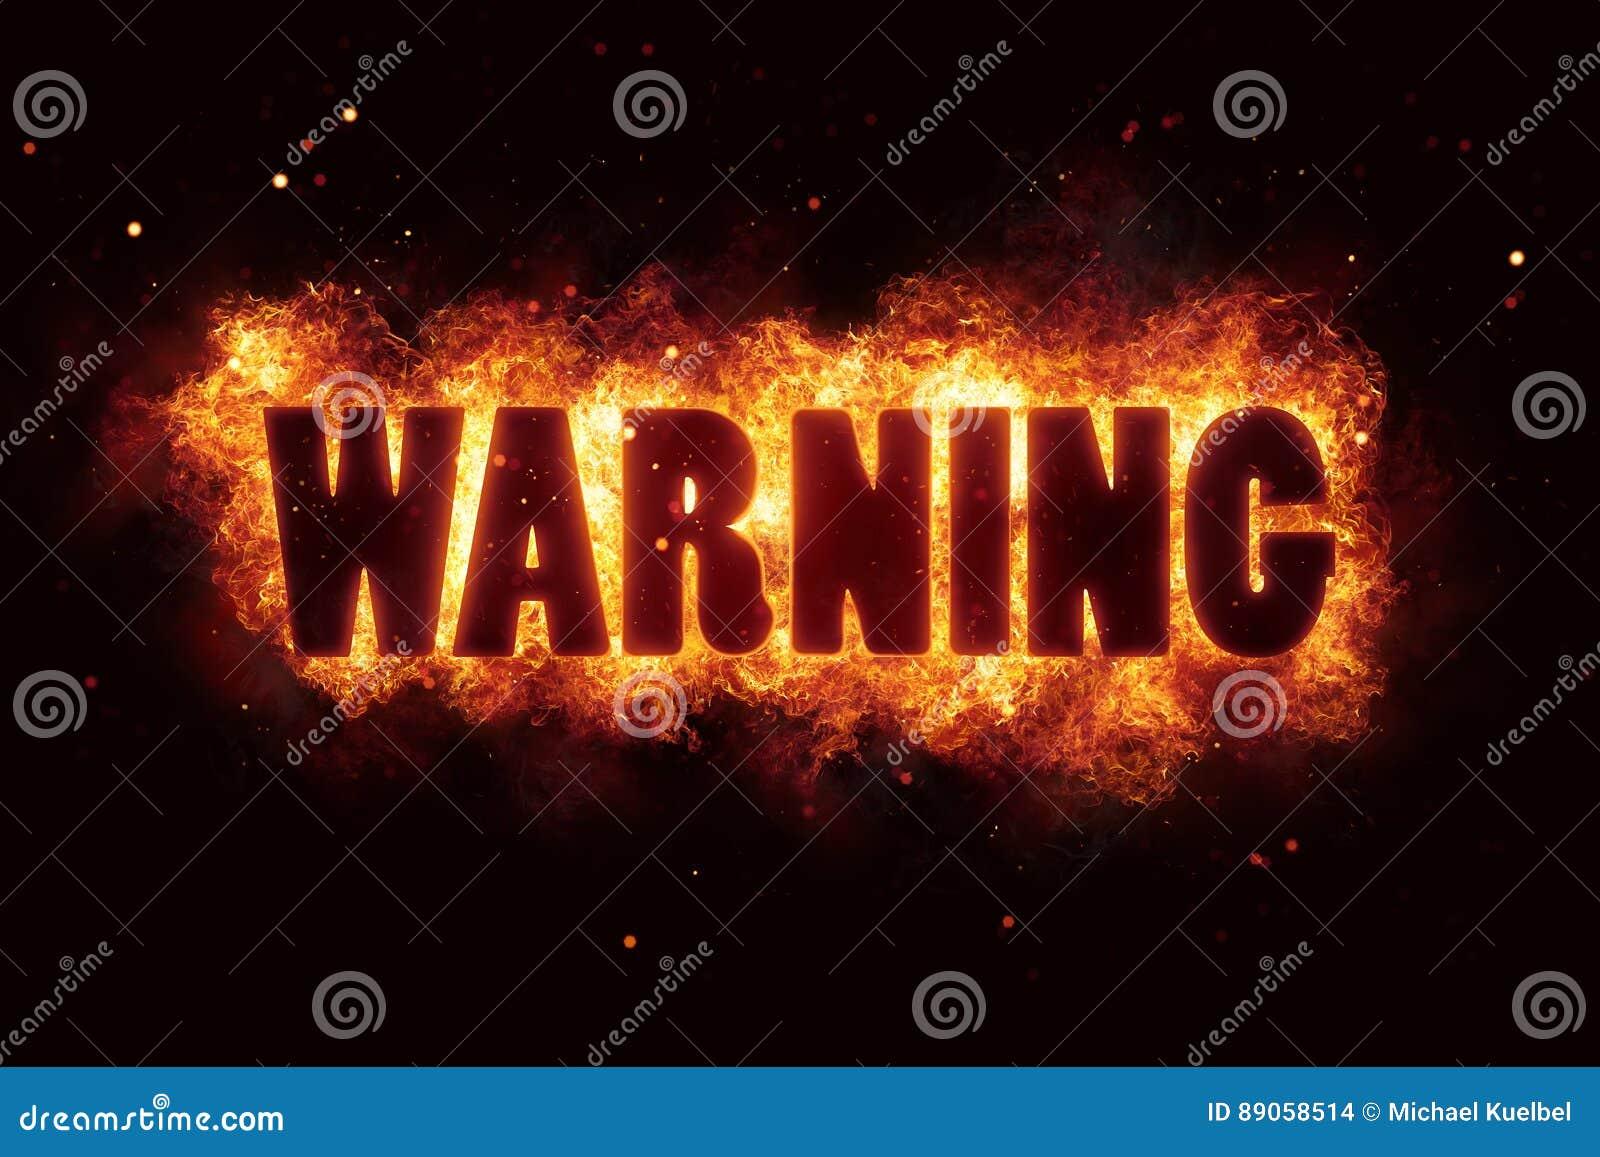 Waarschuw de tekst van de de brandwondvlam van de waarschuwingsbrand explodeert is